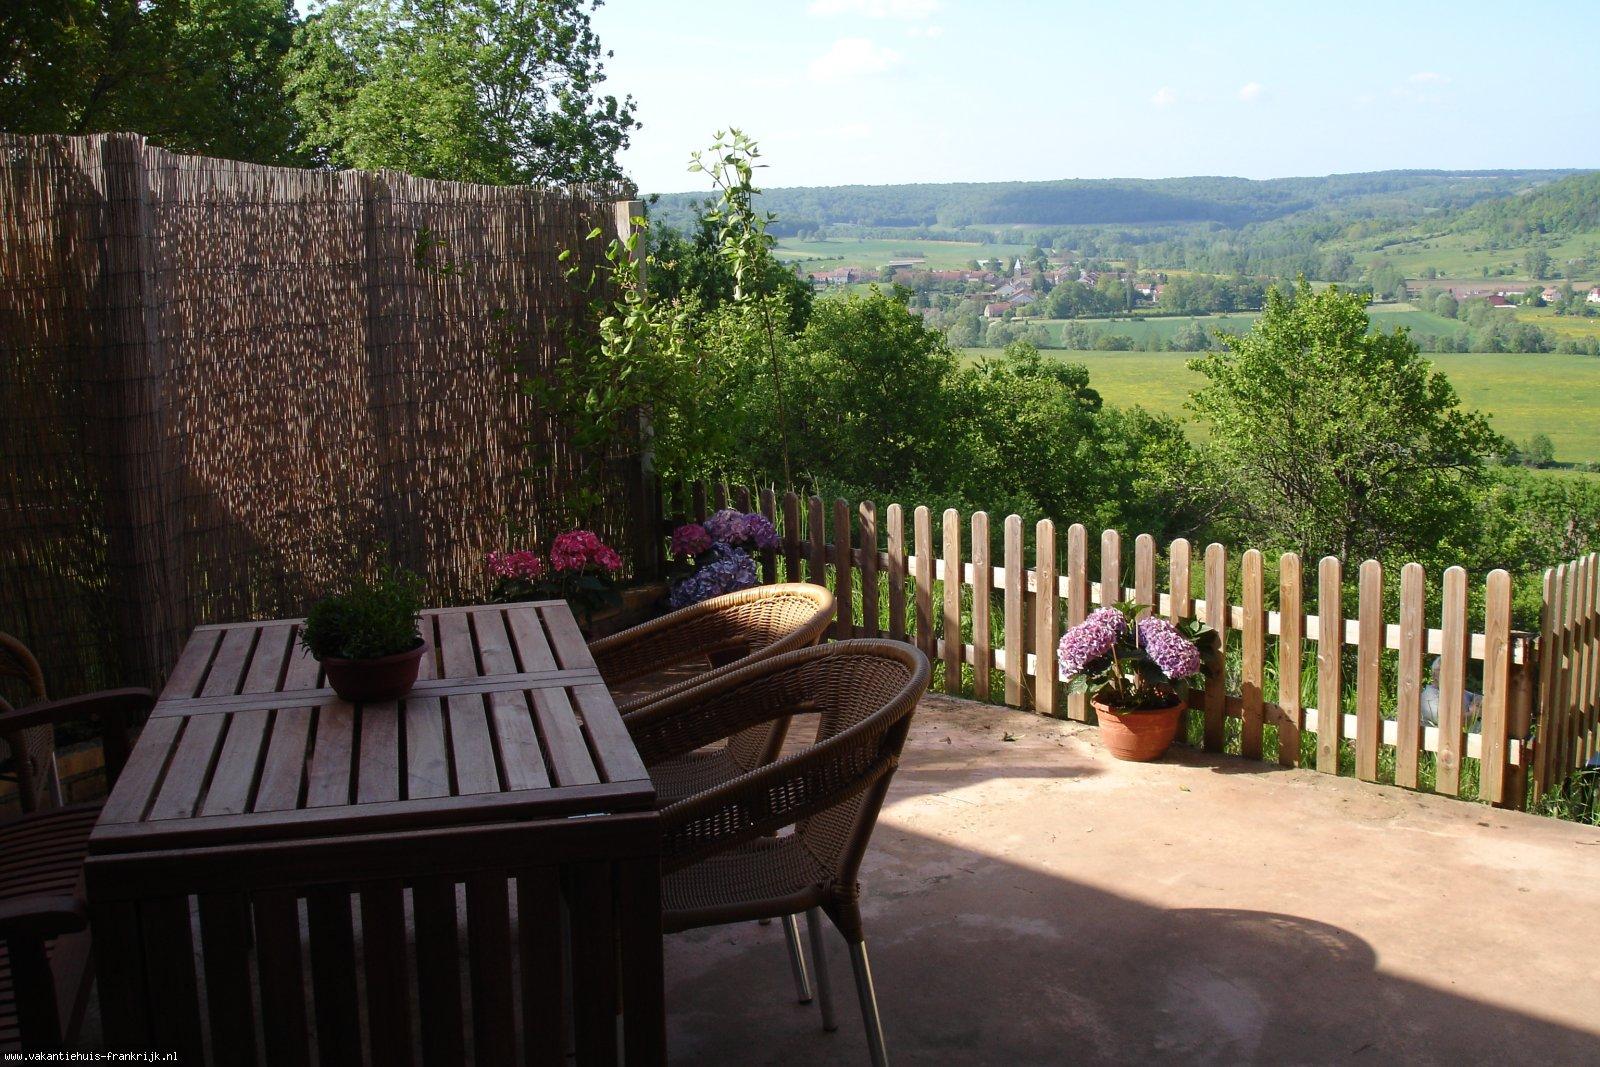 Vakantiehuis: Maison Montesson is te huur voor wie van rust, een fraaie omgeving en het rustieke Franse landschap houd. te huur voor uw vakantie in Haute Marne (Frankrijk)